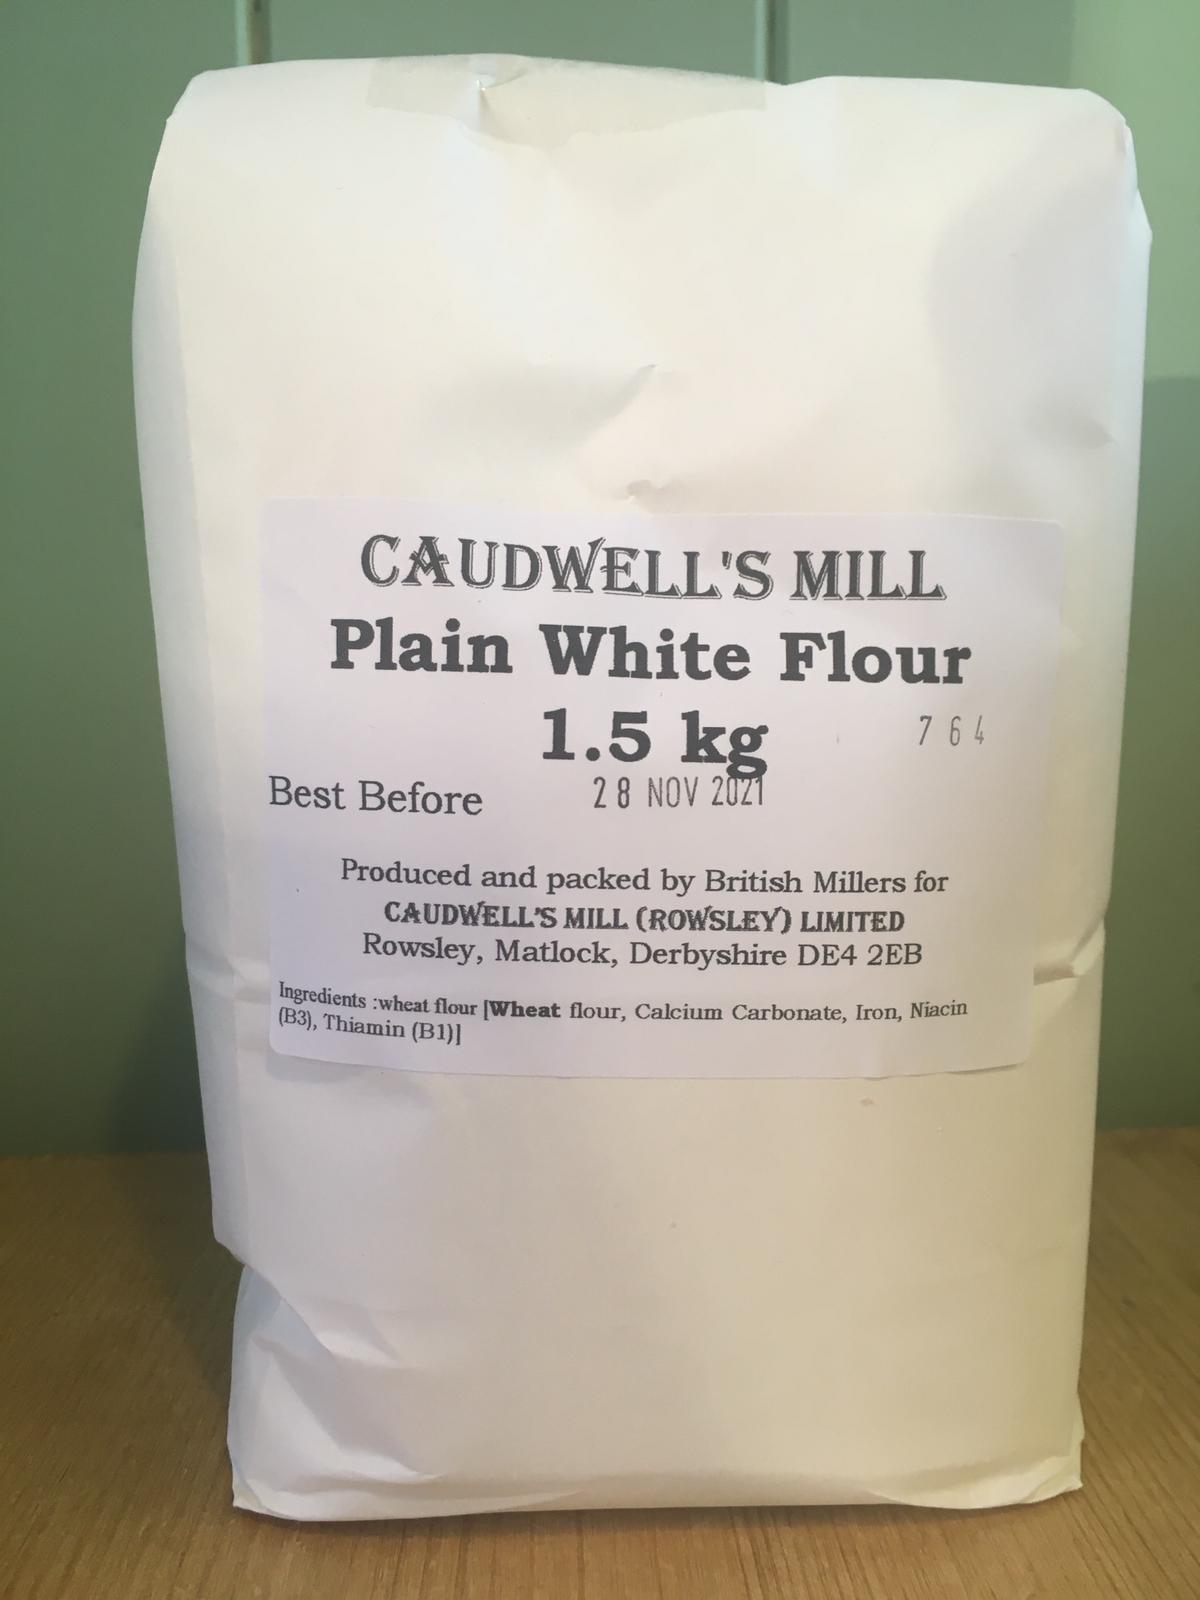 Caudwell's Mill - Plain White Flour 1.5kg